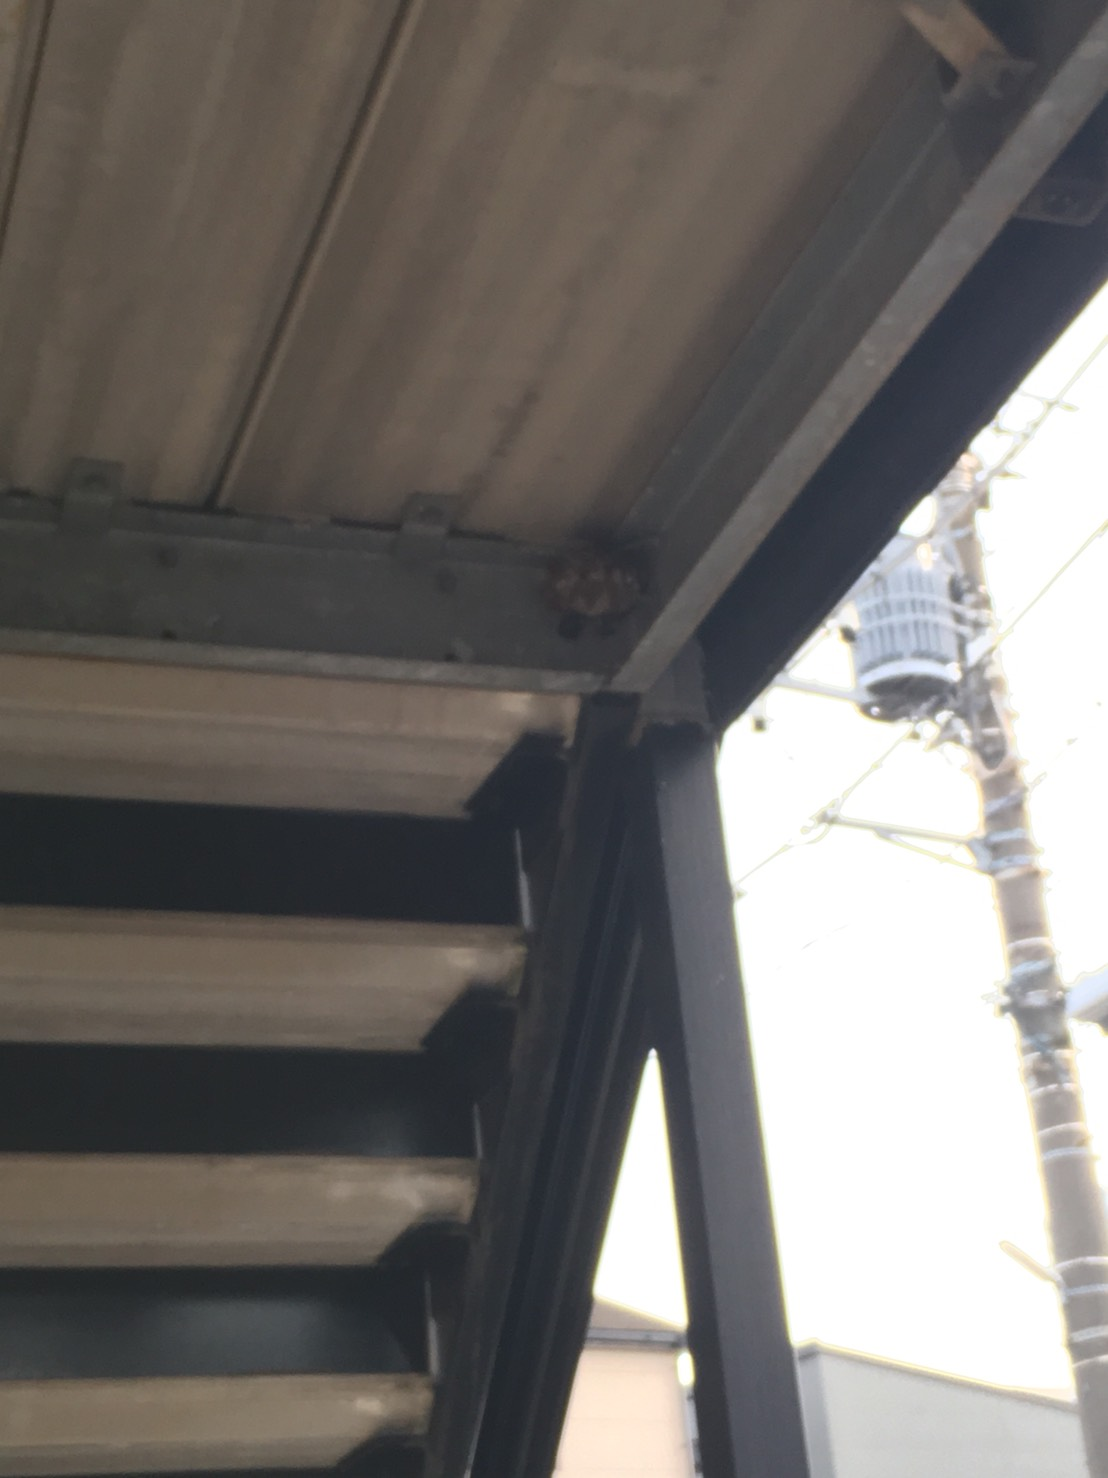 【千葉県柏市柏】8月24日、アシナガバチの蜂の巣駆除依頼がありました【場所:外階段2階下】